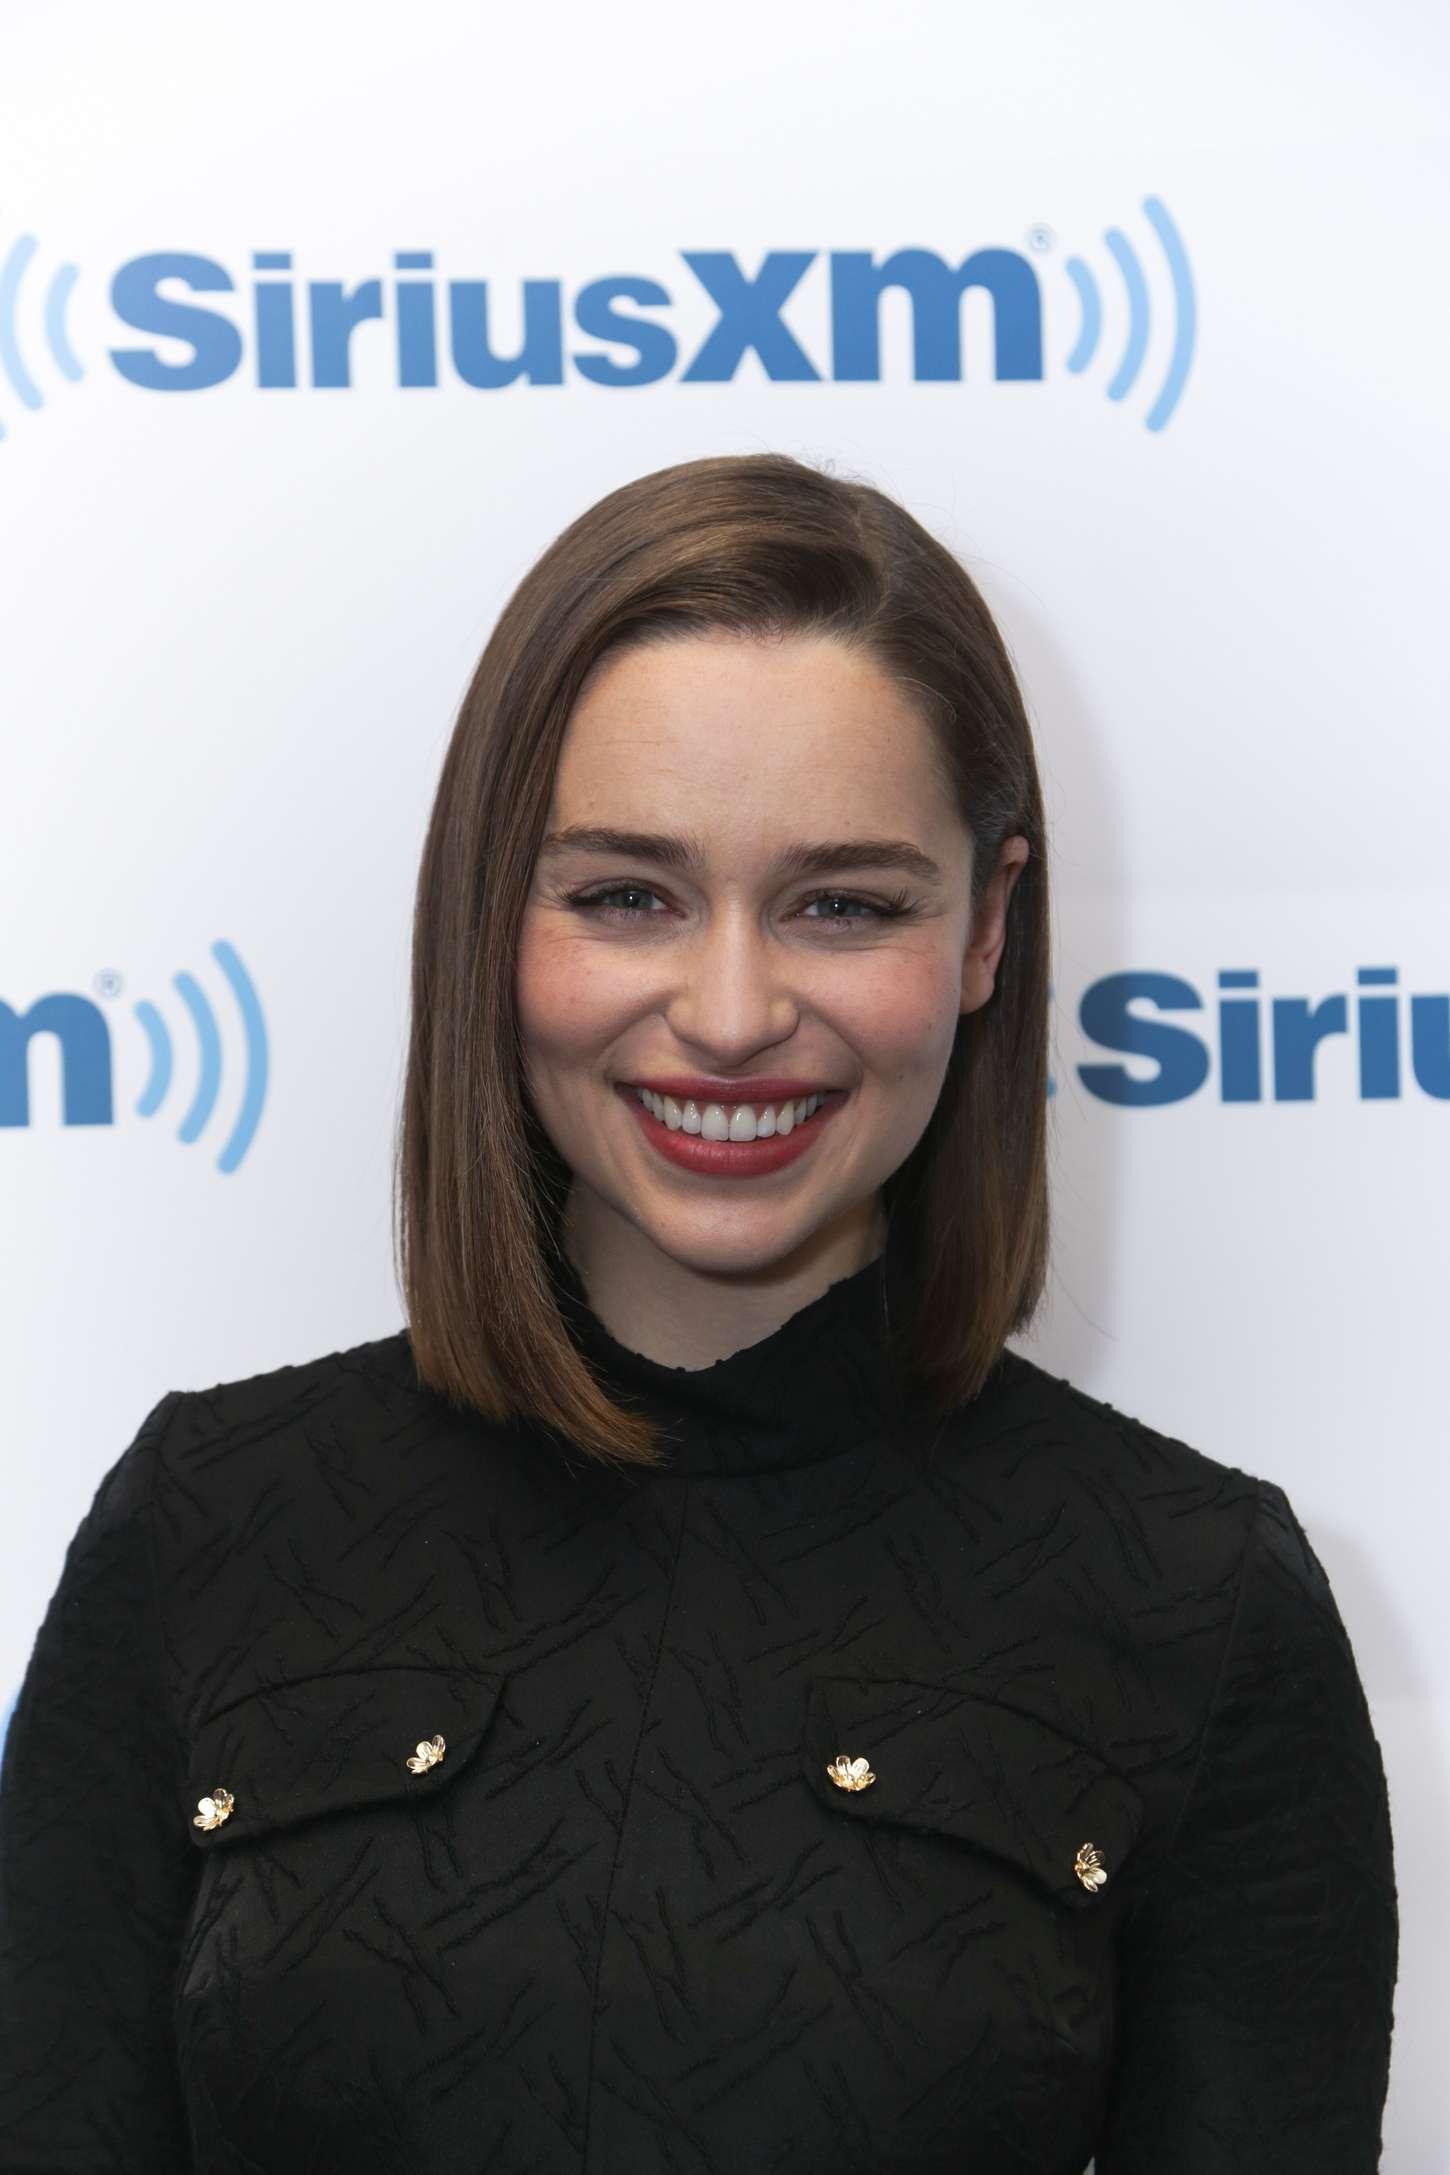 Emilia Clarke 2015 : Emilia Clarke: Arrives at SiriusXM Studios -05